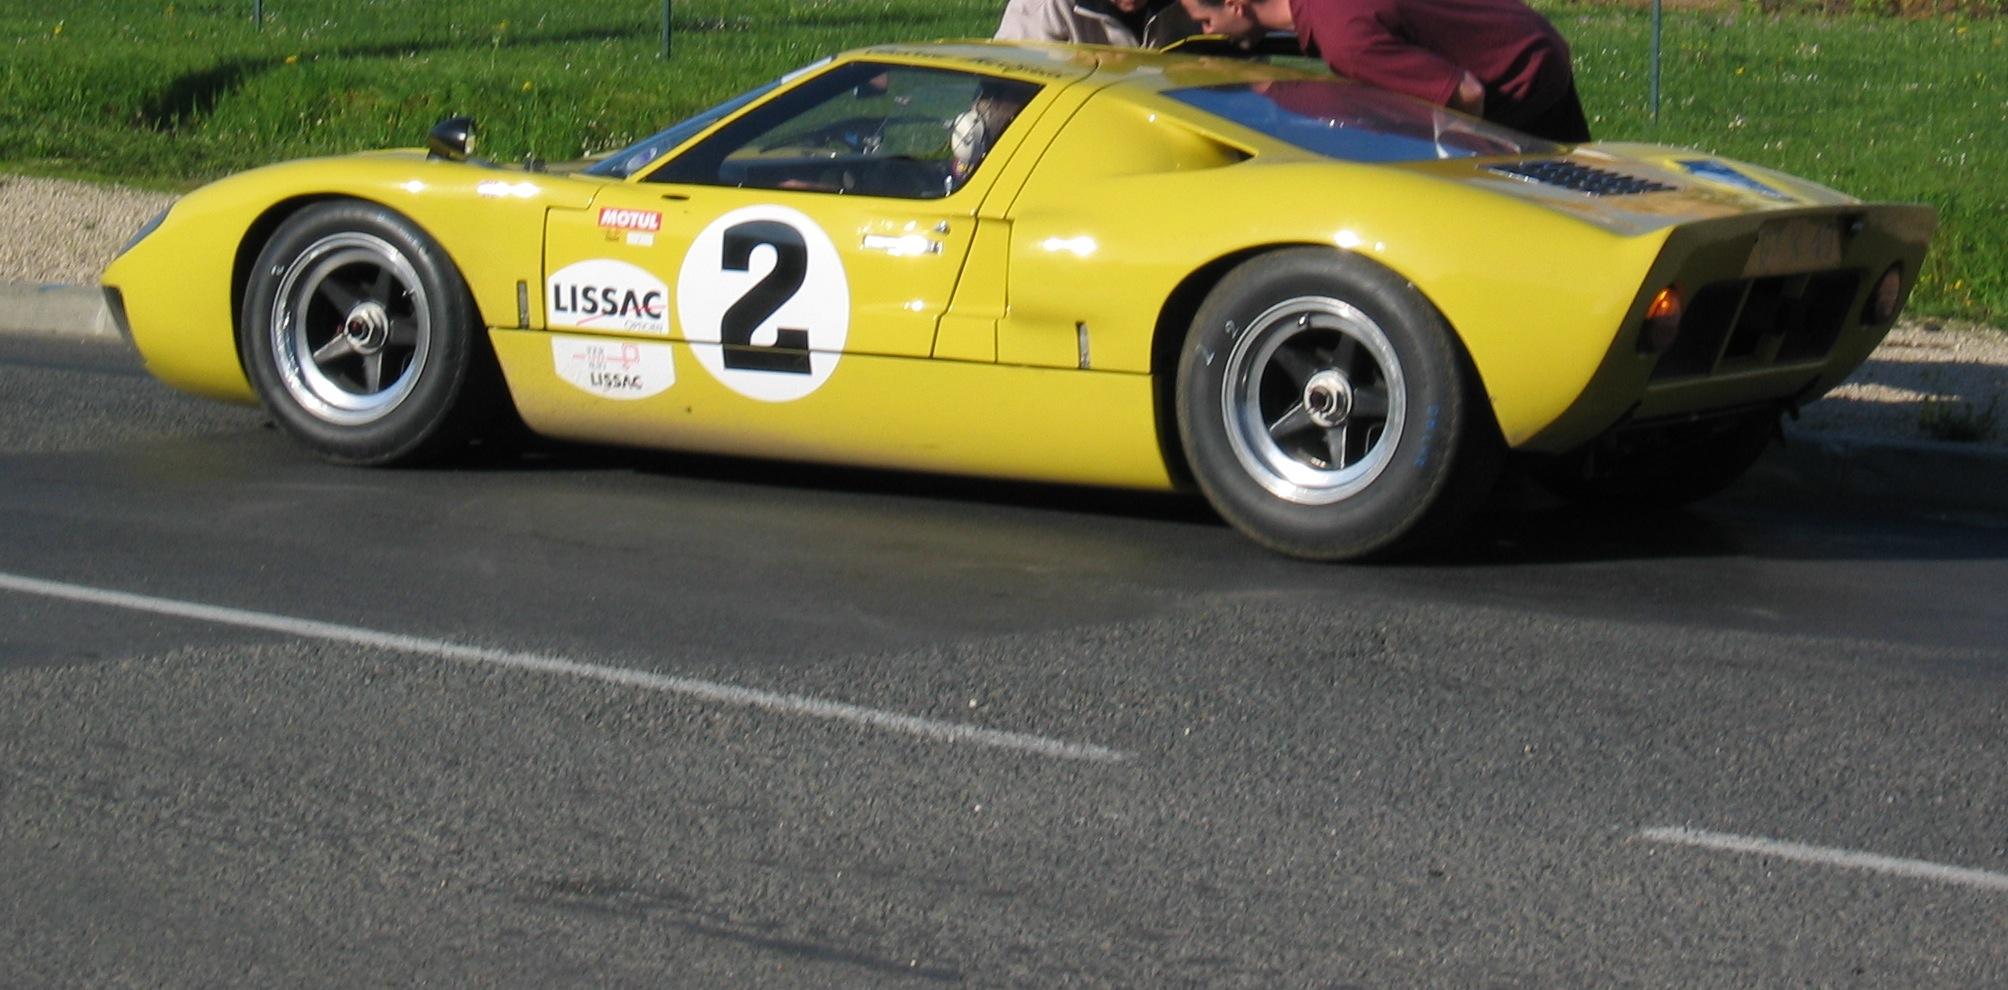 P1001-tour-auto-2004-069-jpg